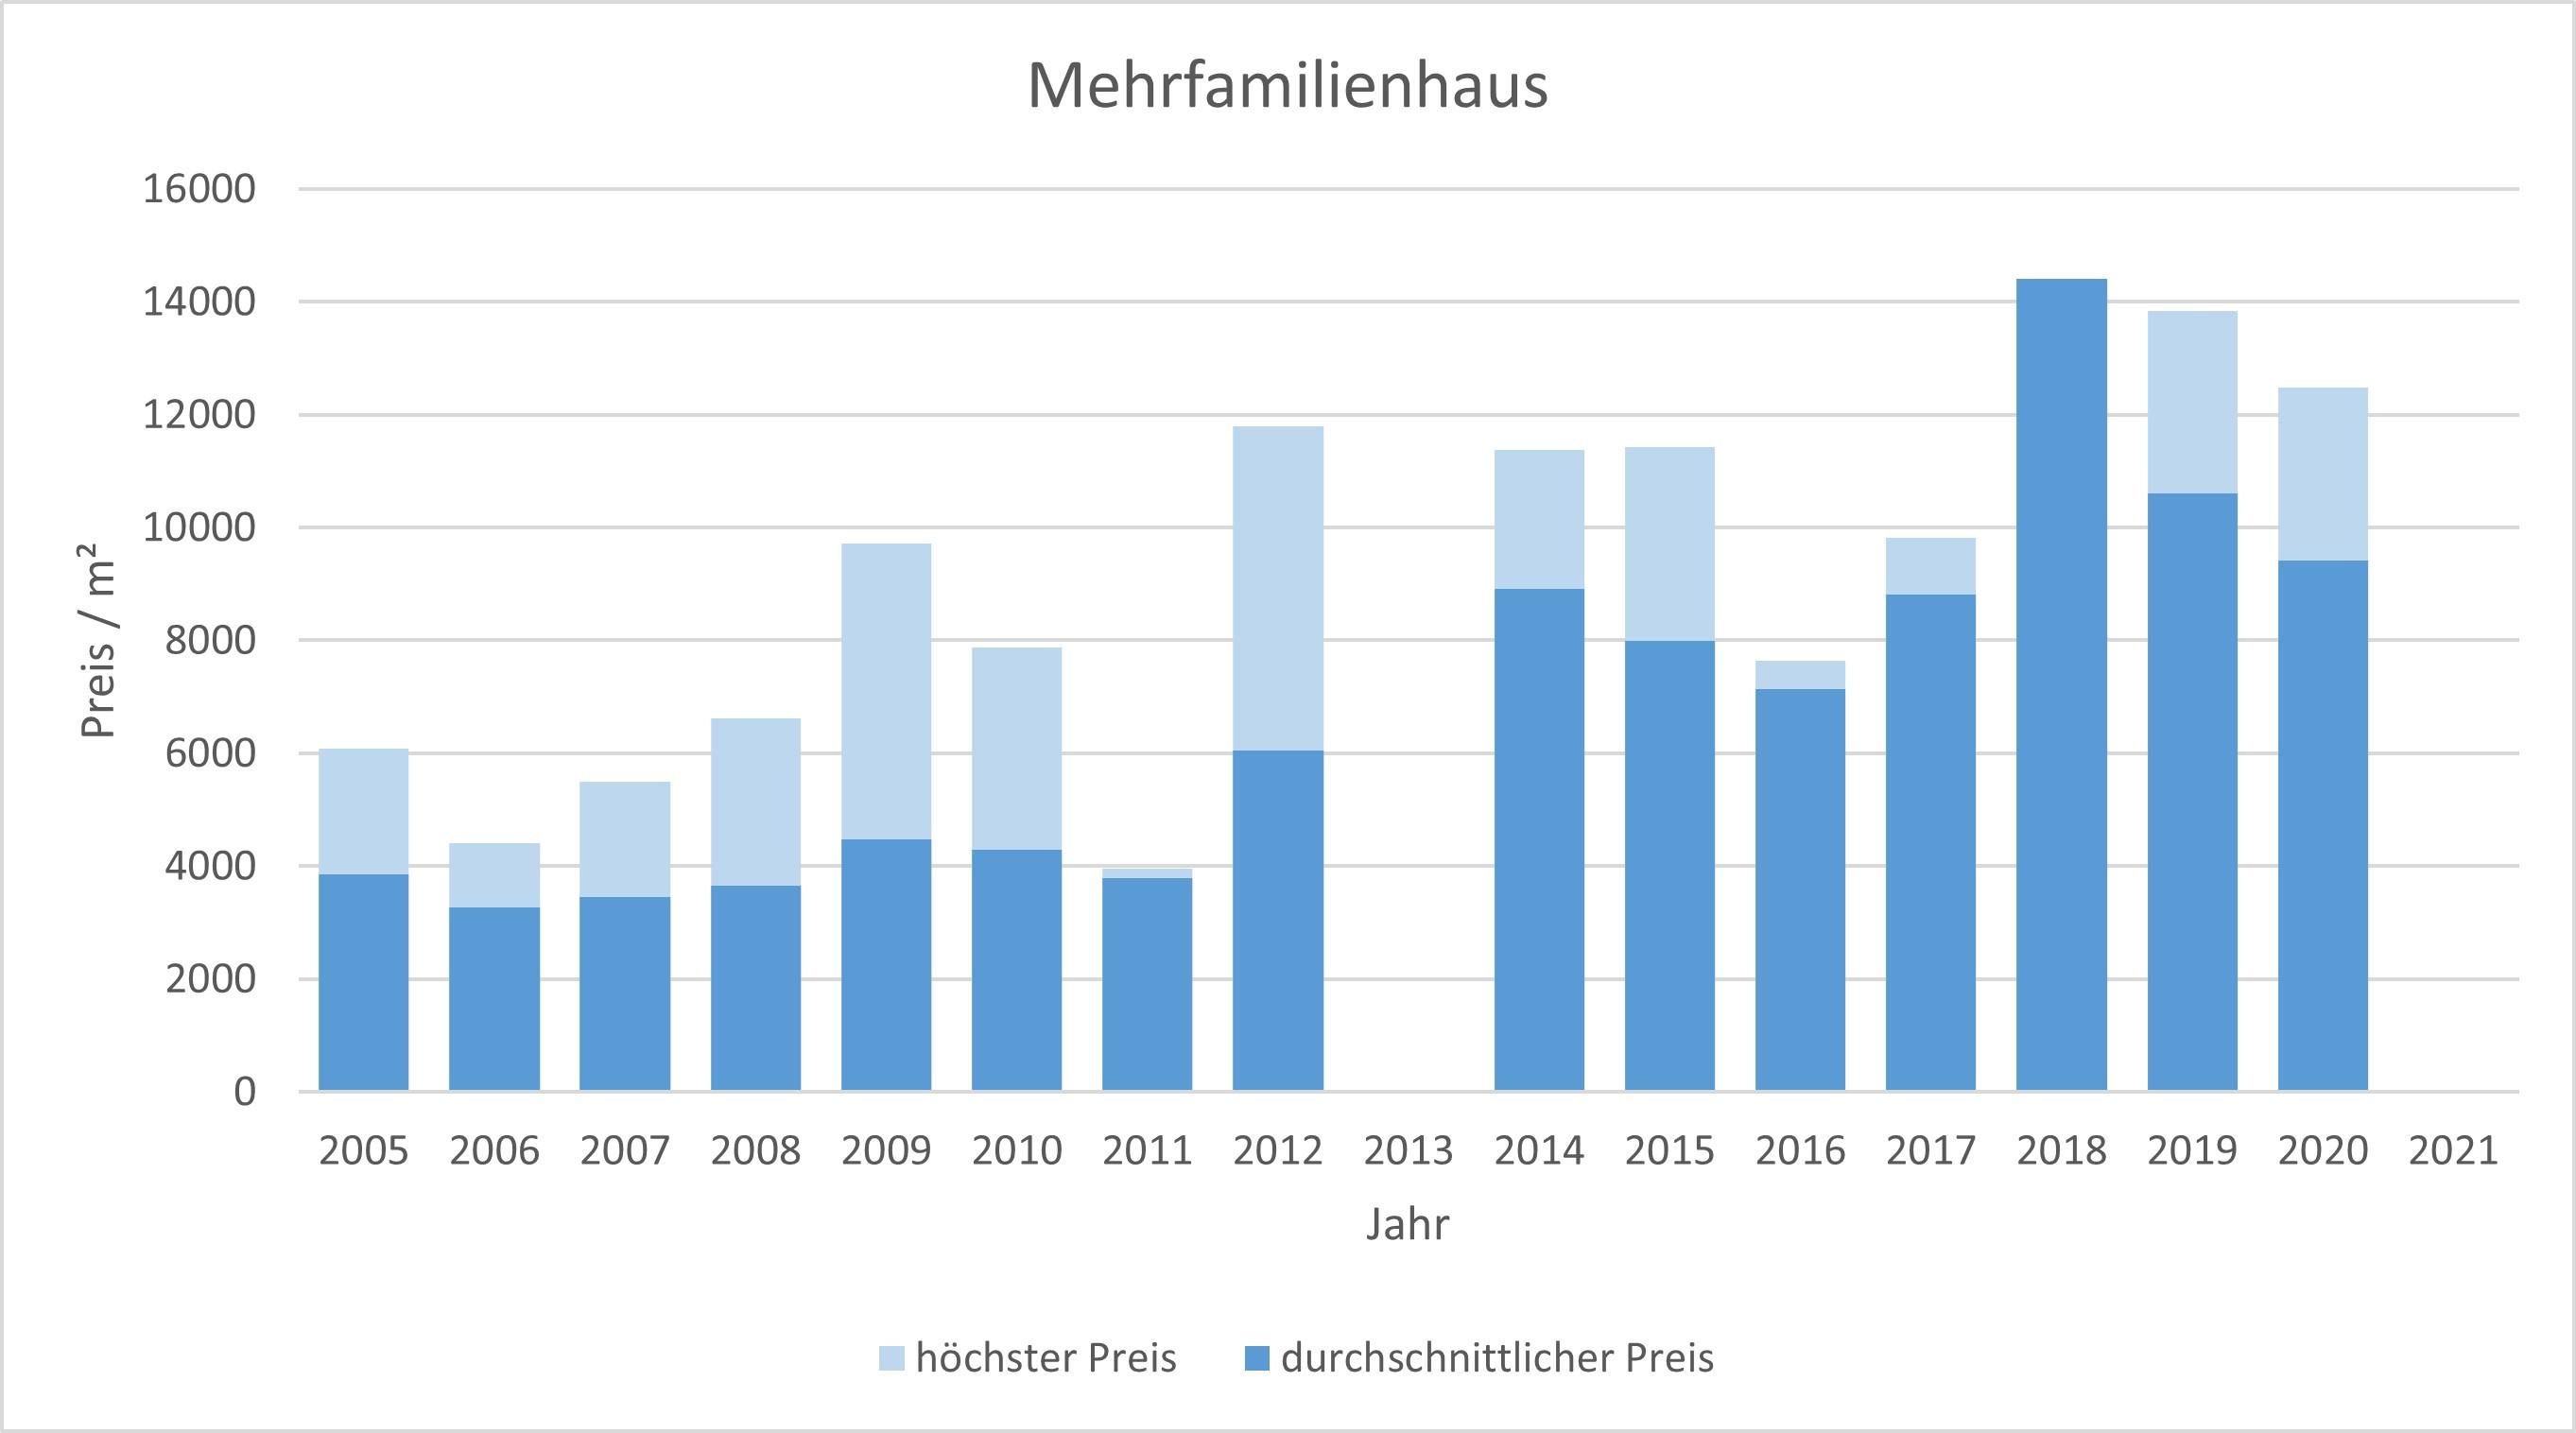 München - Nymphenburg Mehrfamilienhaus kaufen verkaufen Preis Bewertung Makler 2019 2020 2021 www.happy-immo.de